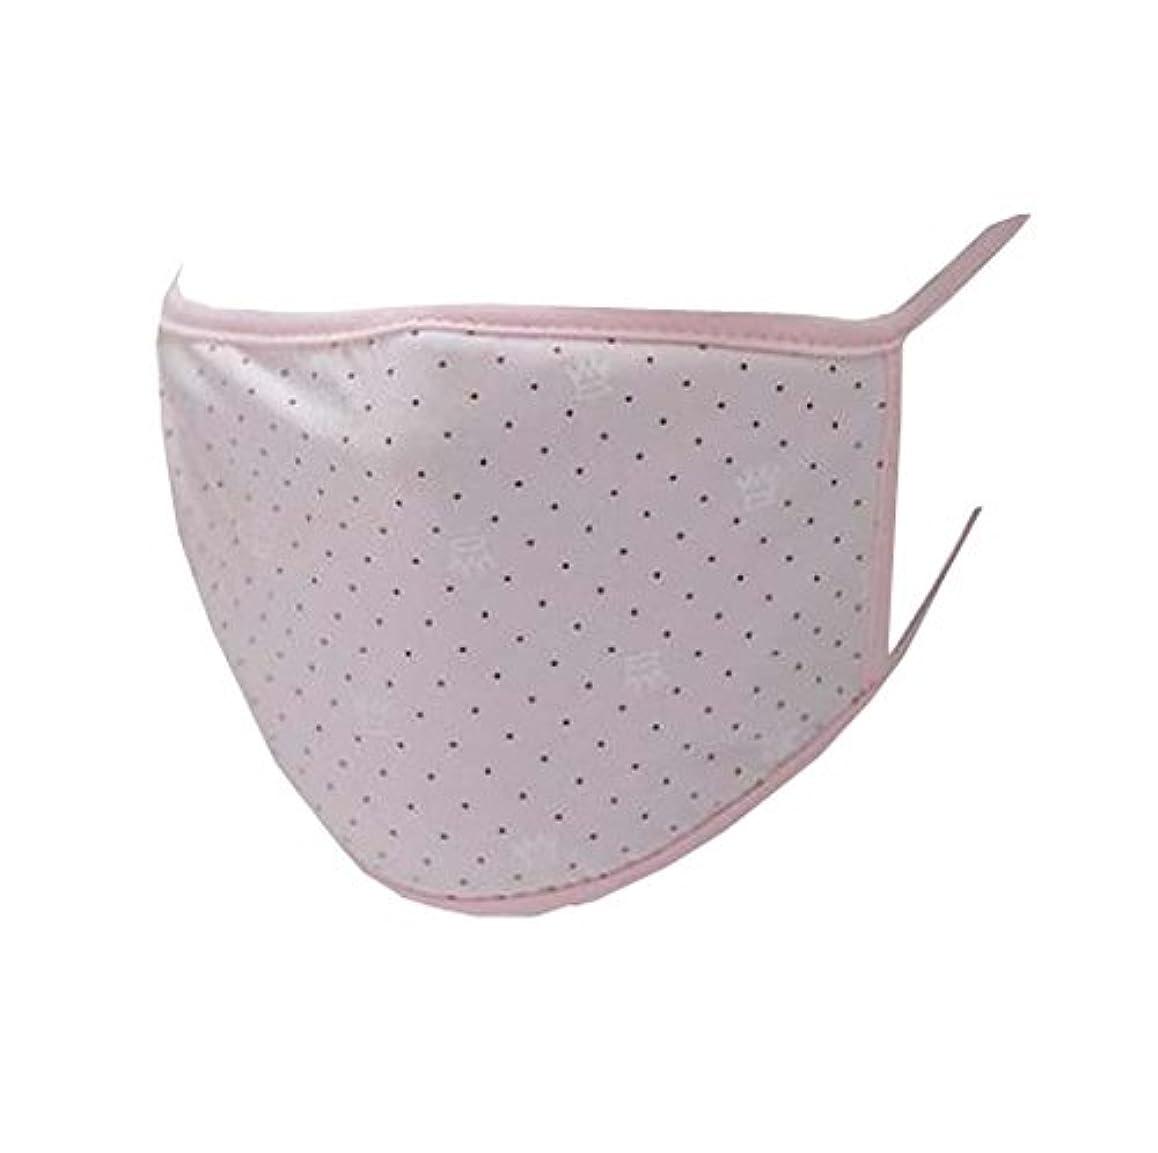 廊下で出来ている購入口マスク、再使用可能フィルター - 埃、花粉、アレルゲン、抗UV、およびインフルエンザ菌 - A